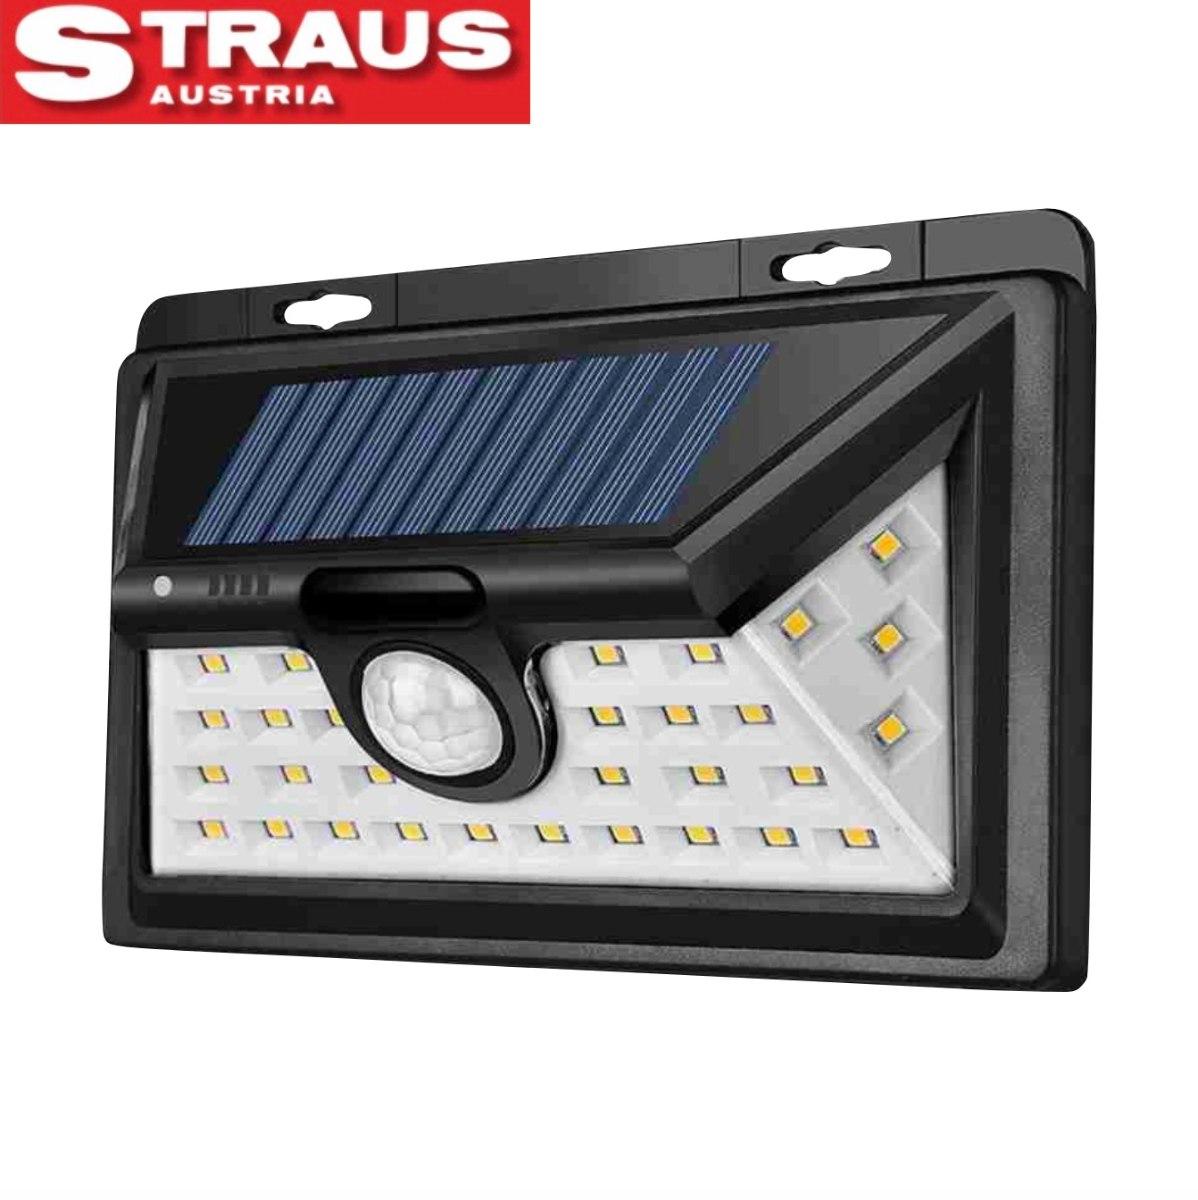 Straus גלאי תנועה סולארי רפלקטור LED 34 LED